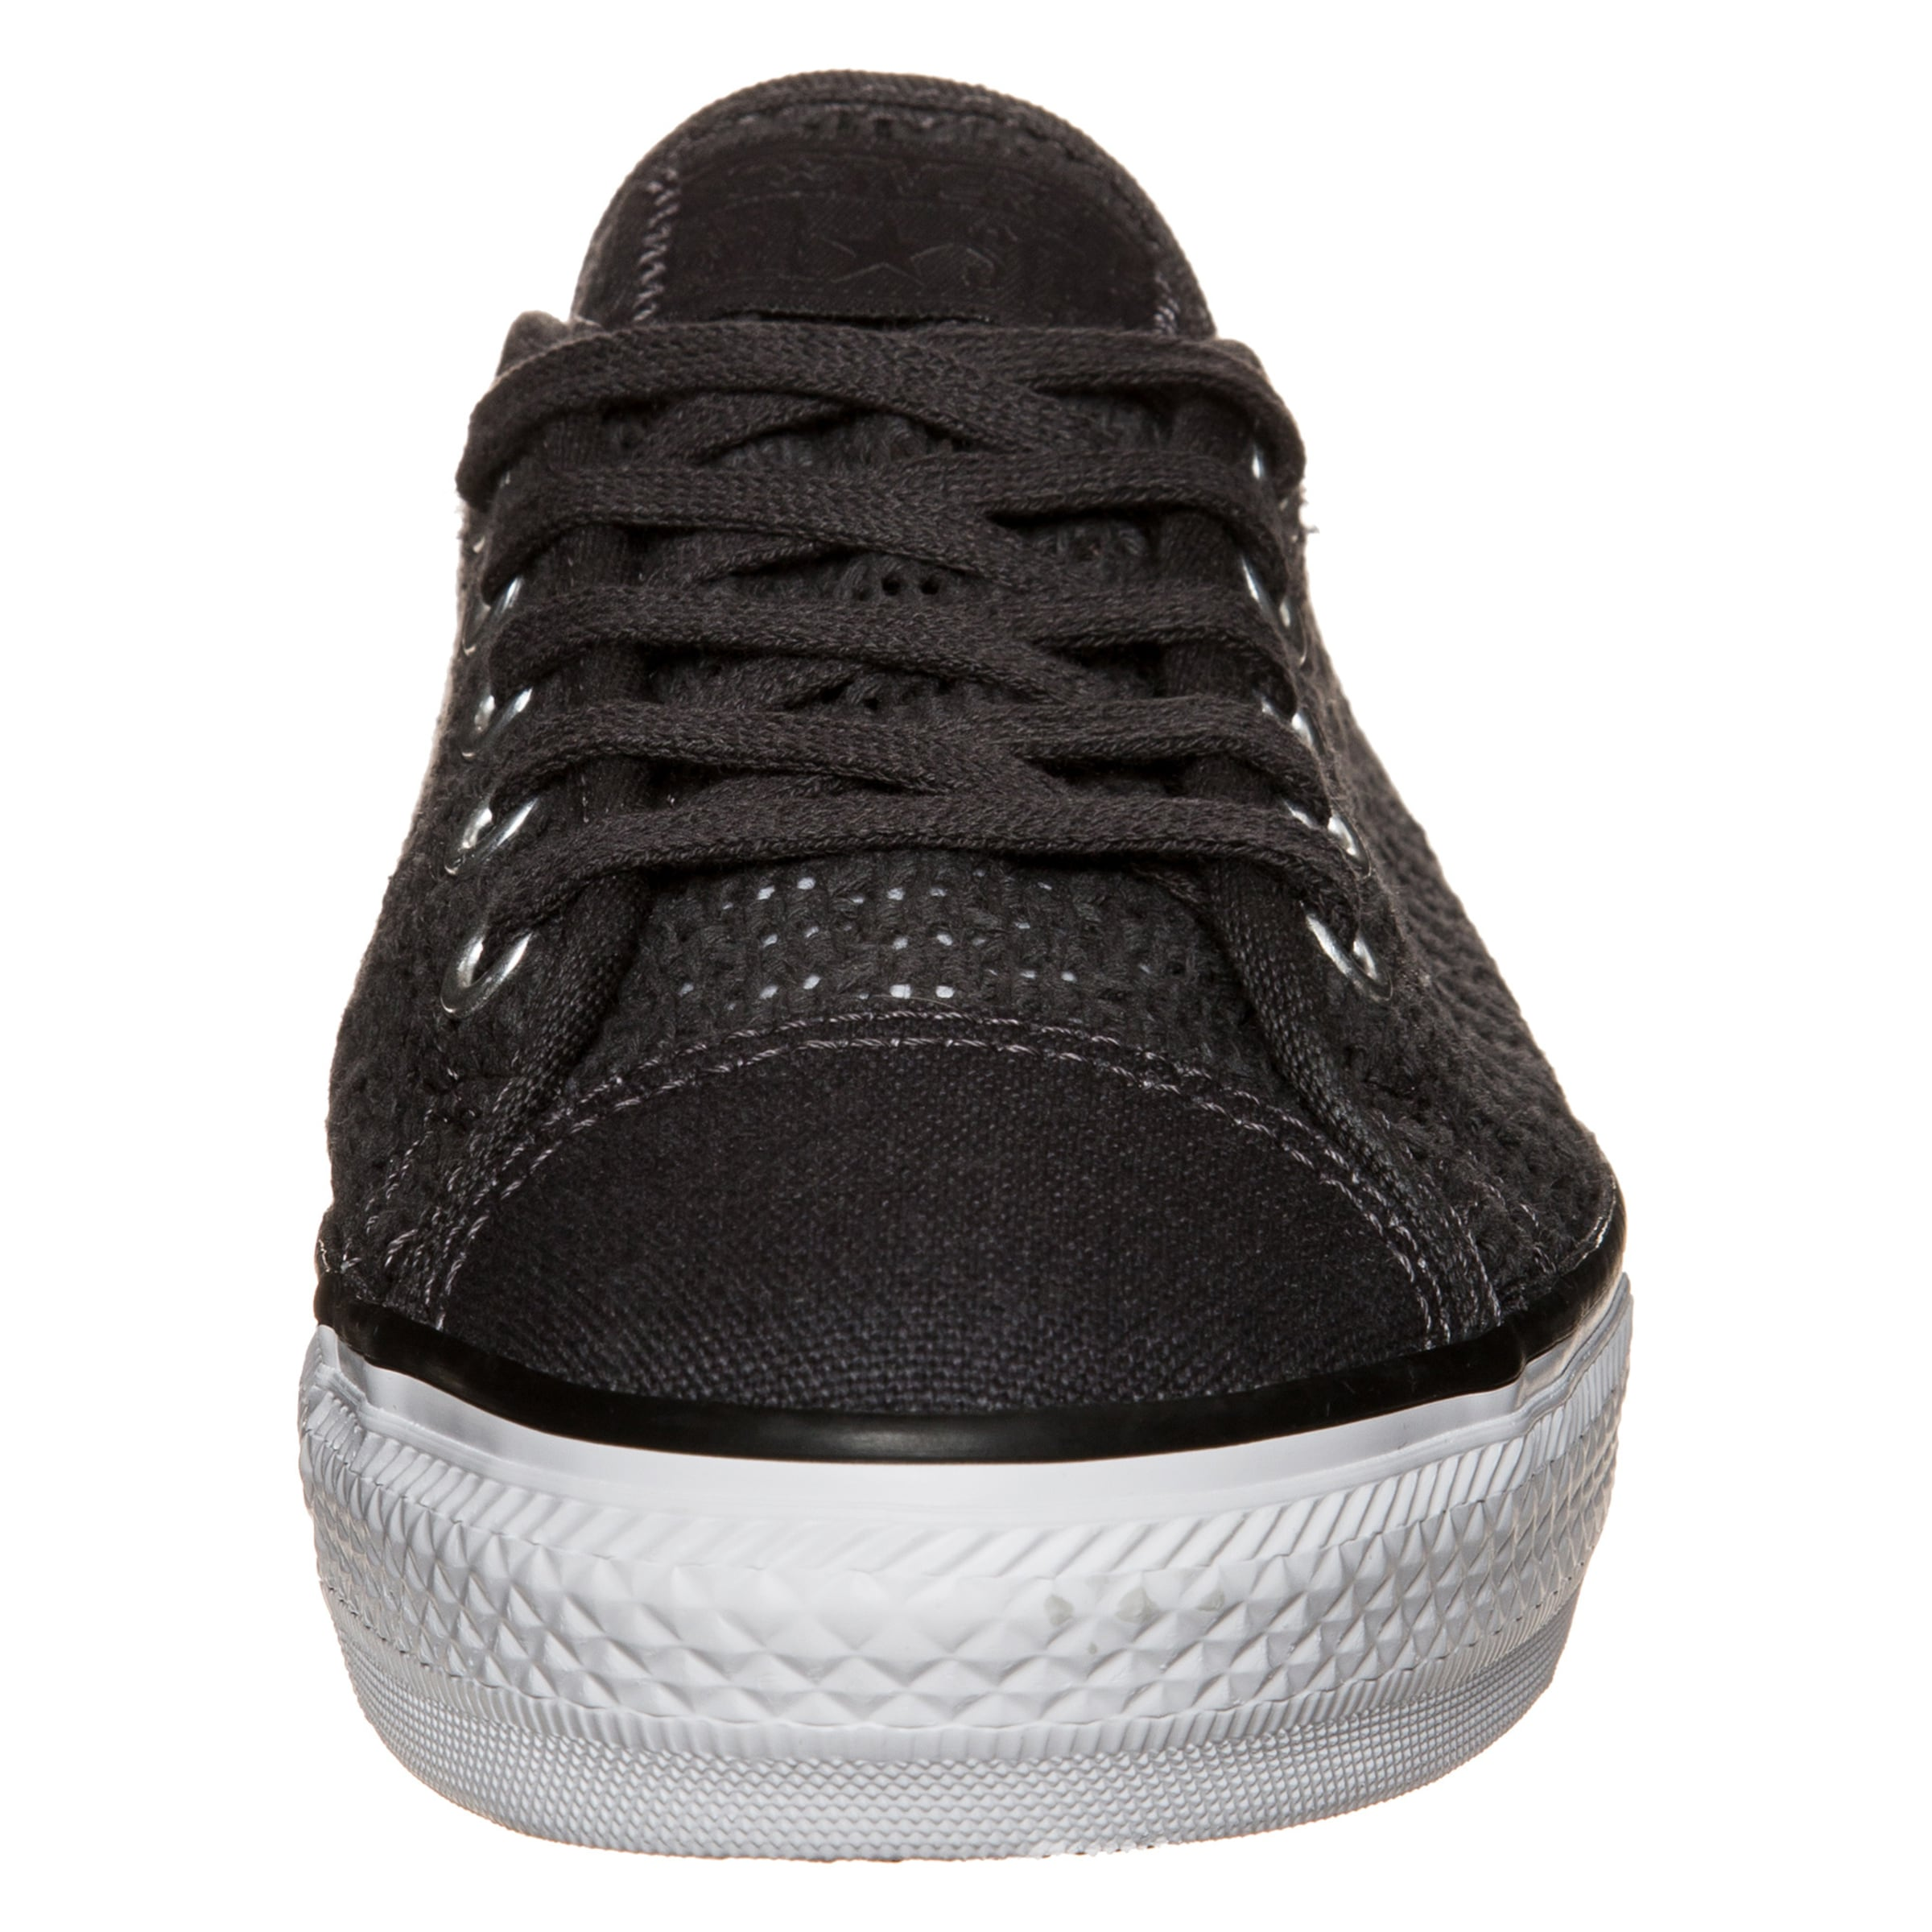 CONVERSE Chuck Taylor All Star High Line OX Sneaker Damen Billig Verkauf Niedriger Versand Verkauf Sammlungen Sehr Billig Verkauf Online Jh6QWTCa